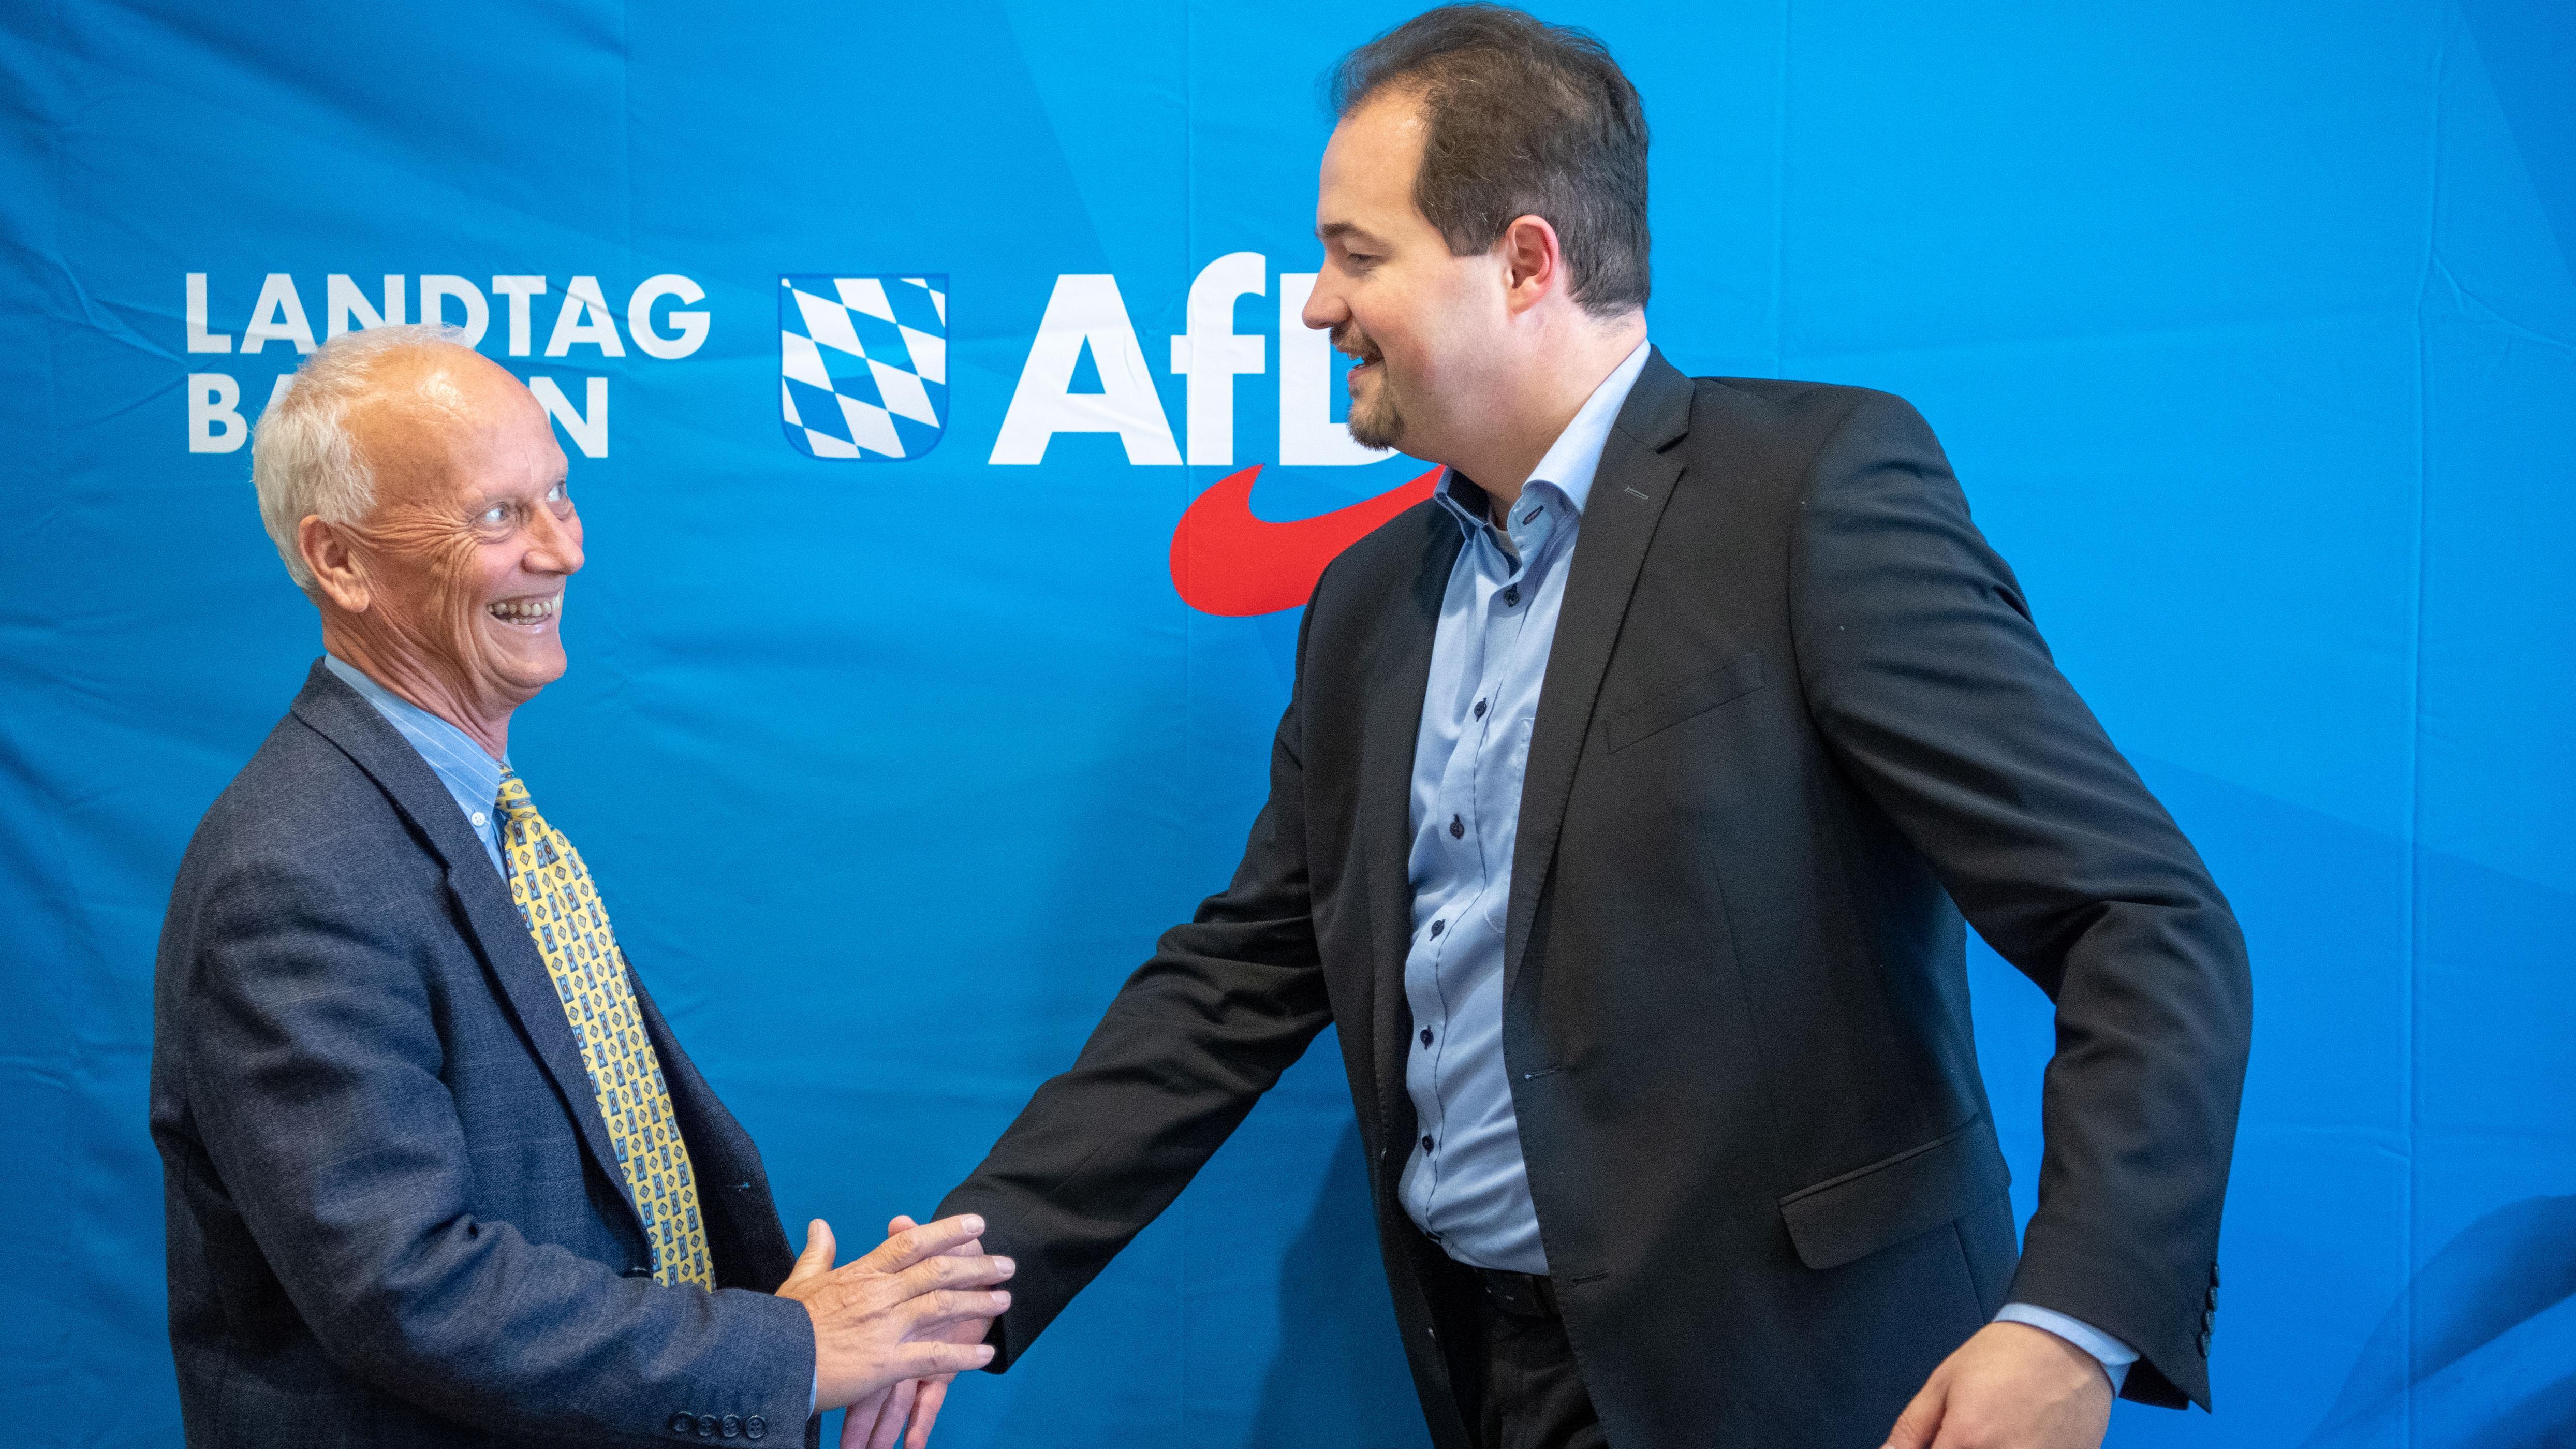 Uli Henkel (l) Mitglied der bayerischen Landtagsfraktion der AfD und Martin Sichert bayerischer Landesvorsitzender